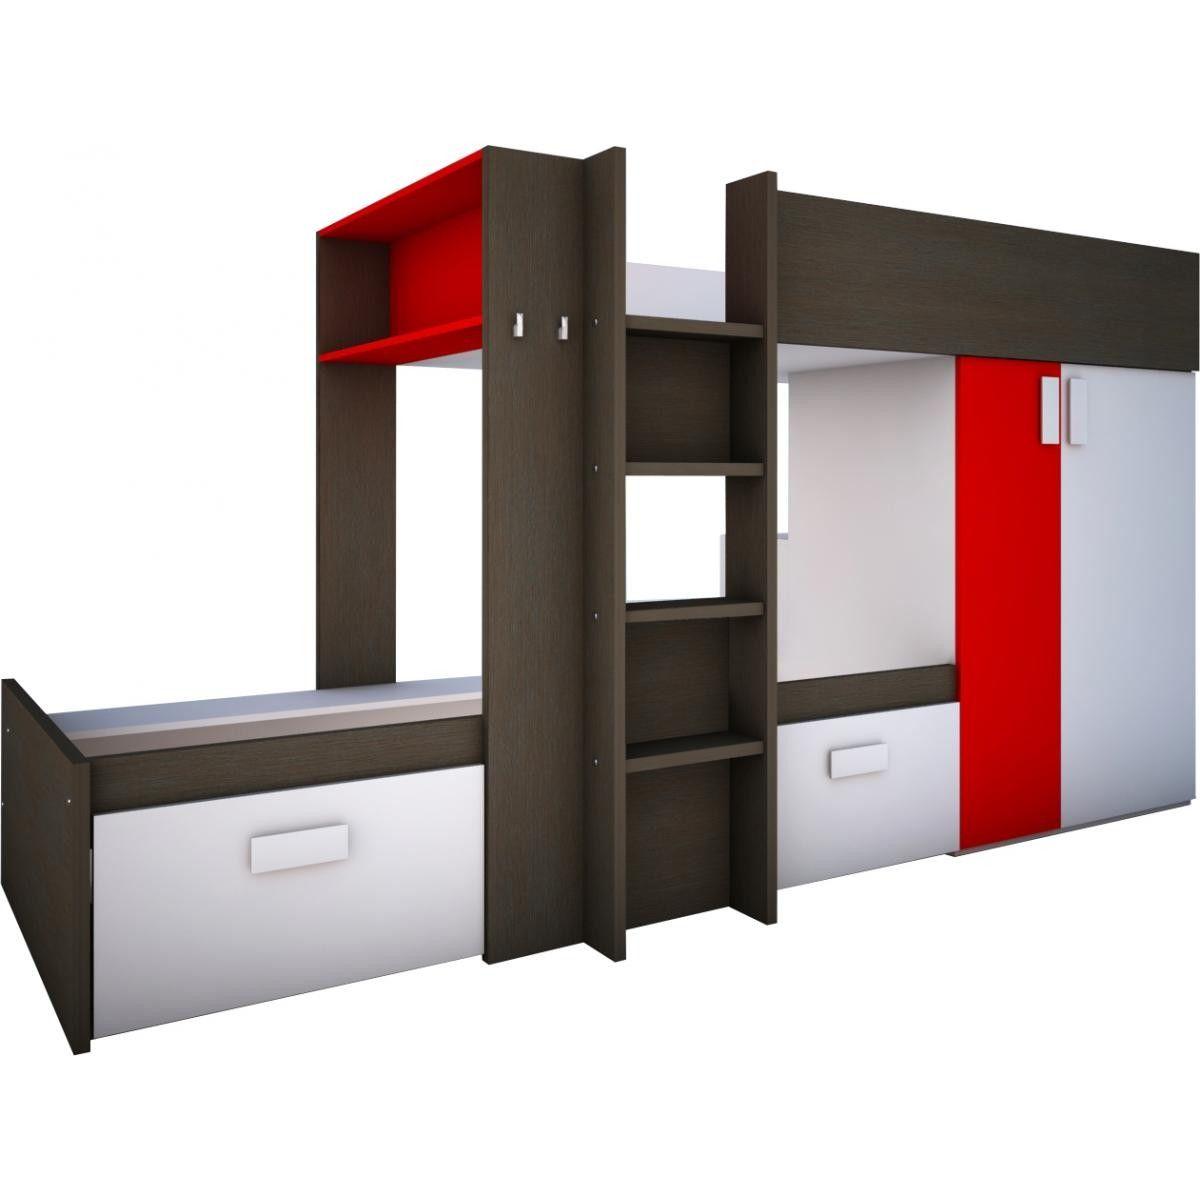 Cama Tren Wifi En Conforama Literas Dobles Dormitorios Literas Con Almacenamiento